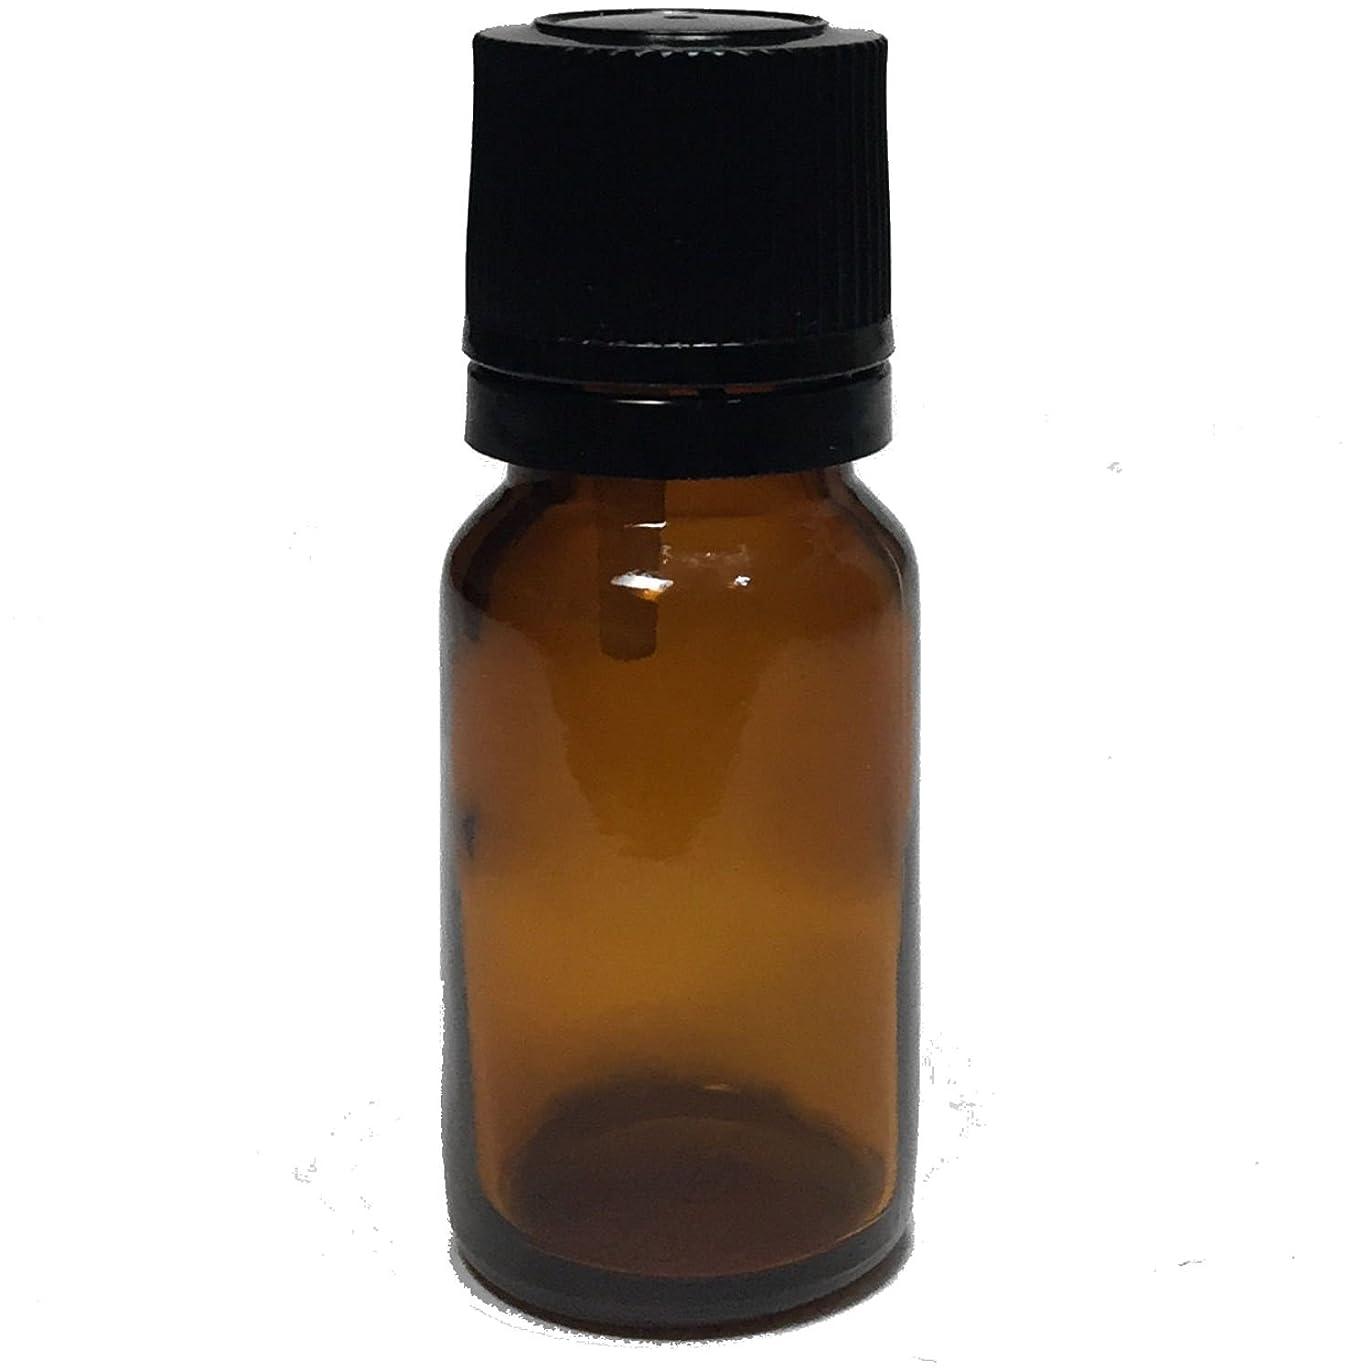 集中的な倍増チップエッセンシャルオイル用茶色遮光瓶 ドロッパー付き 黒キャップ 10ml ガラスビン 10本セット